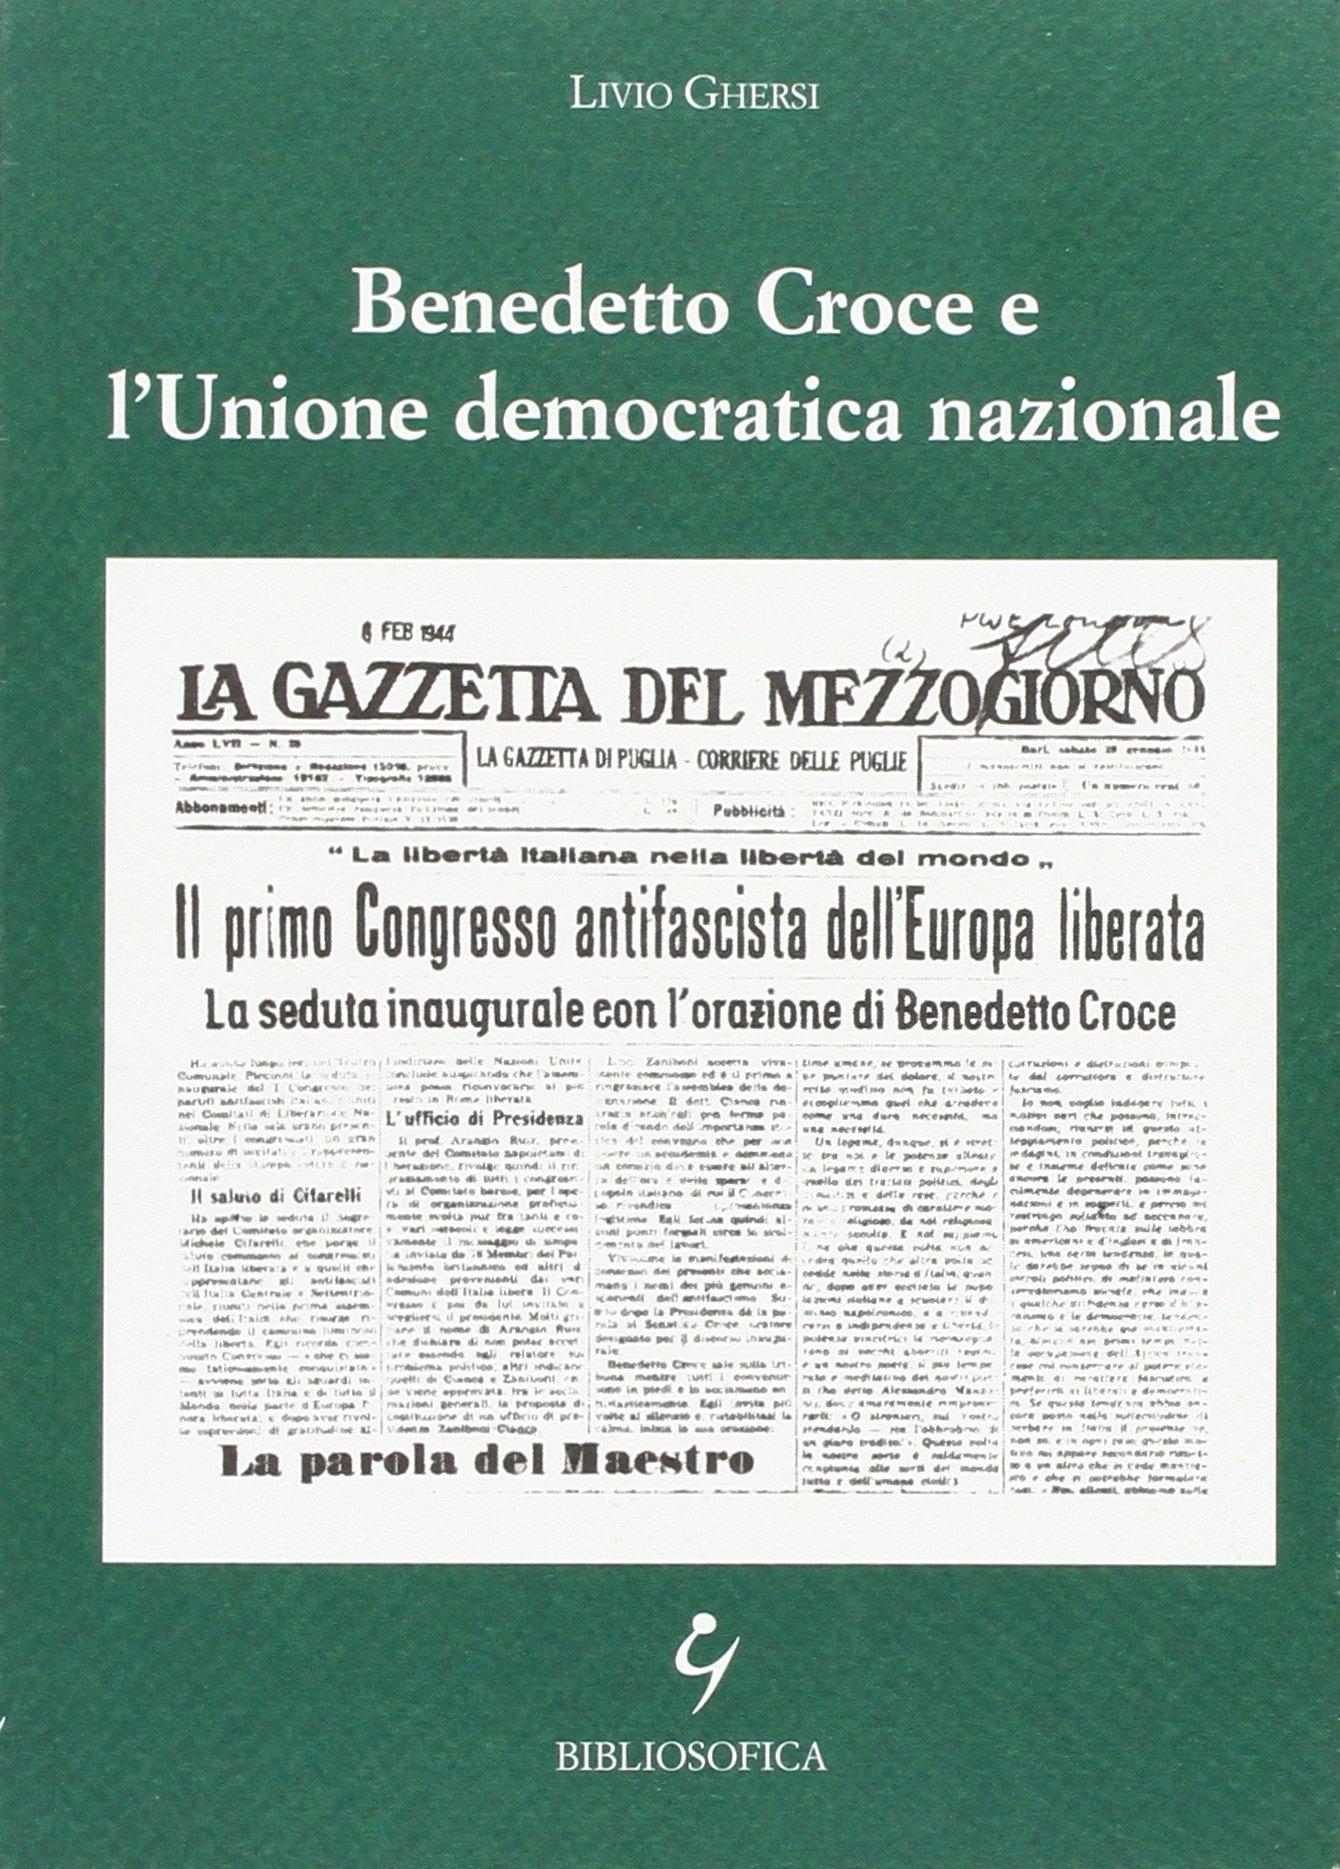 Benedetto Croce e l'Unione Democratica Nazionale